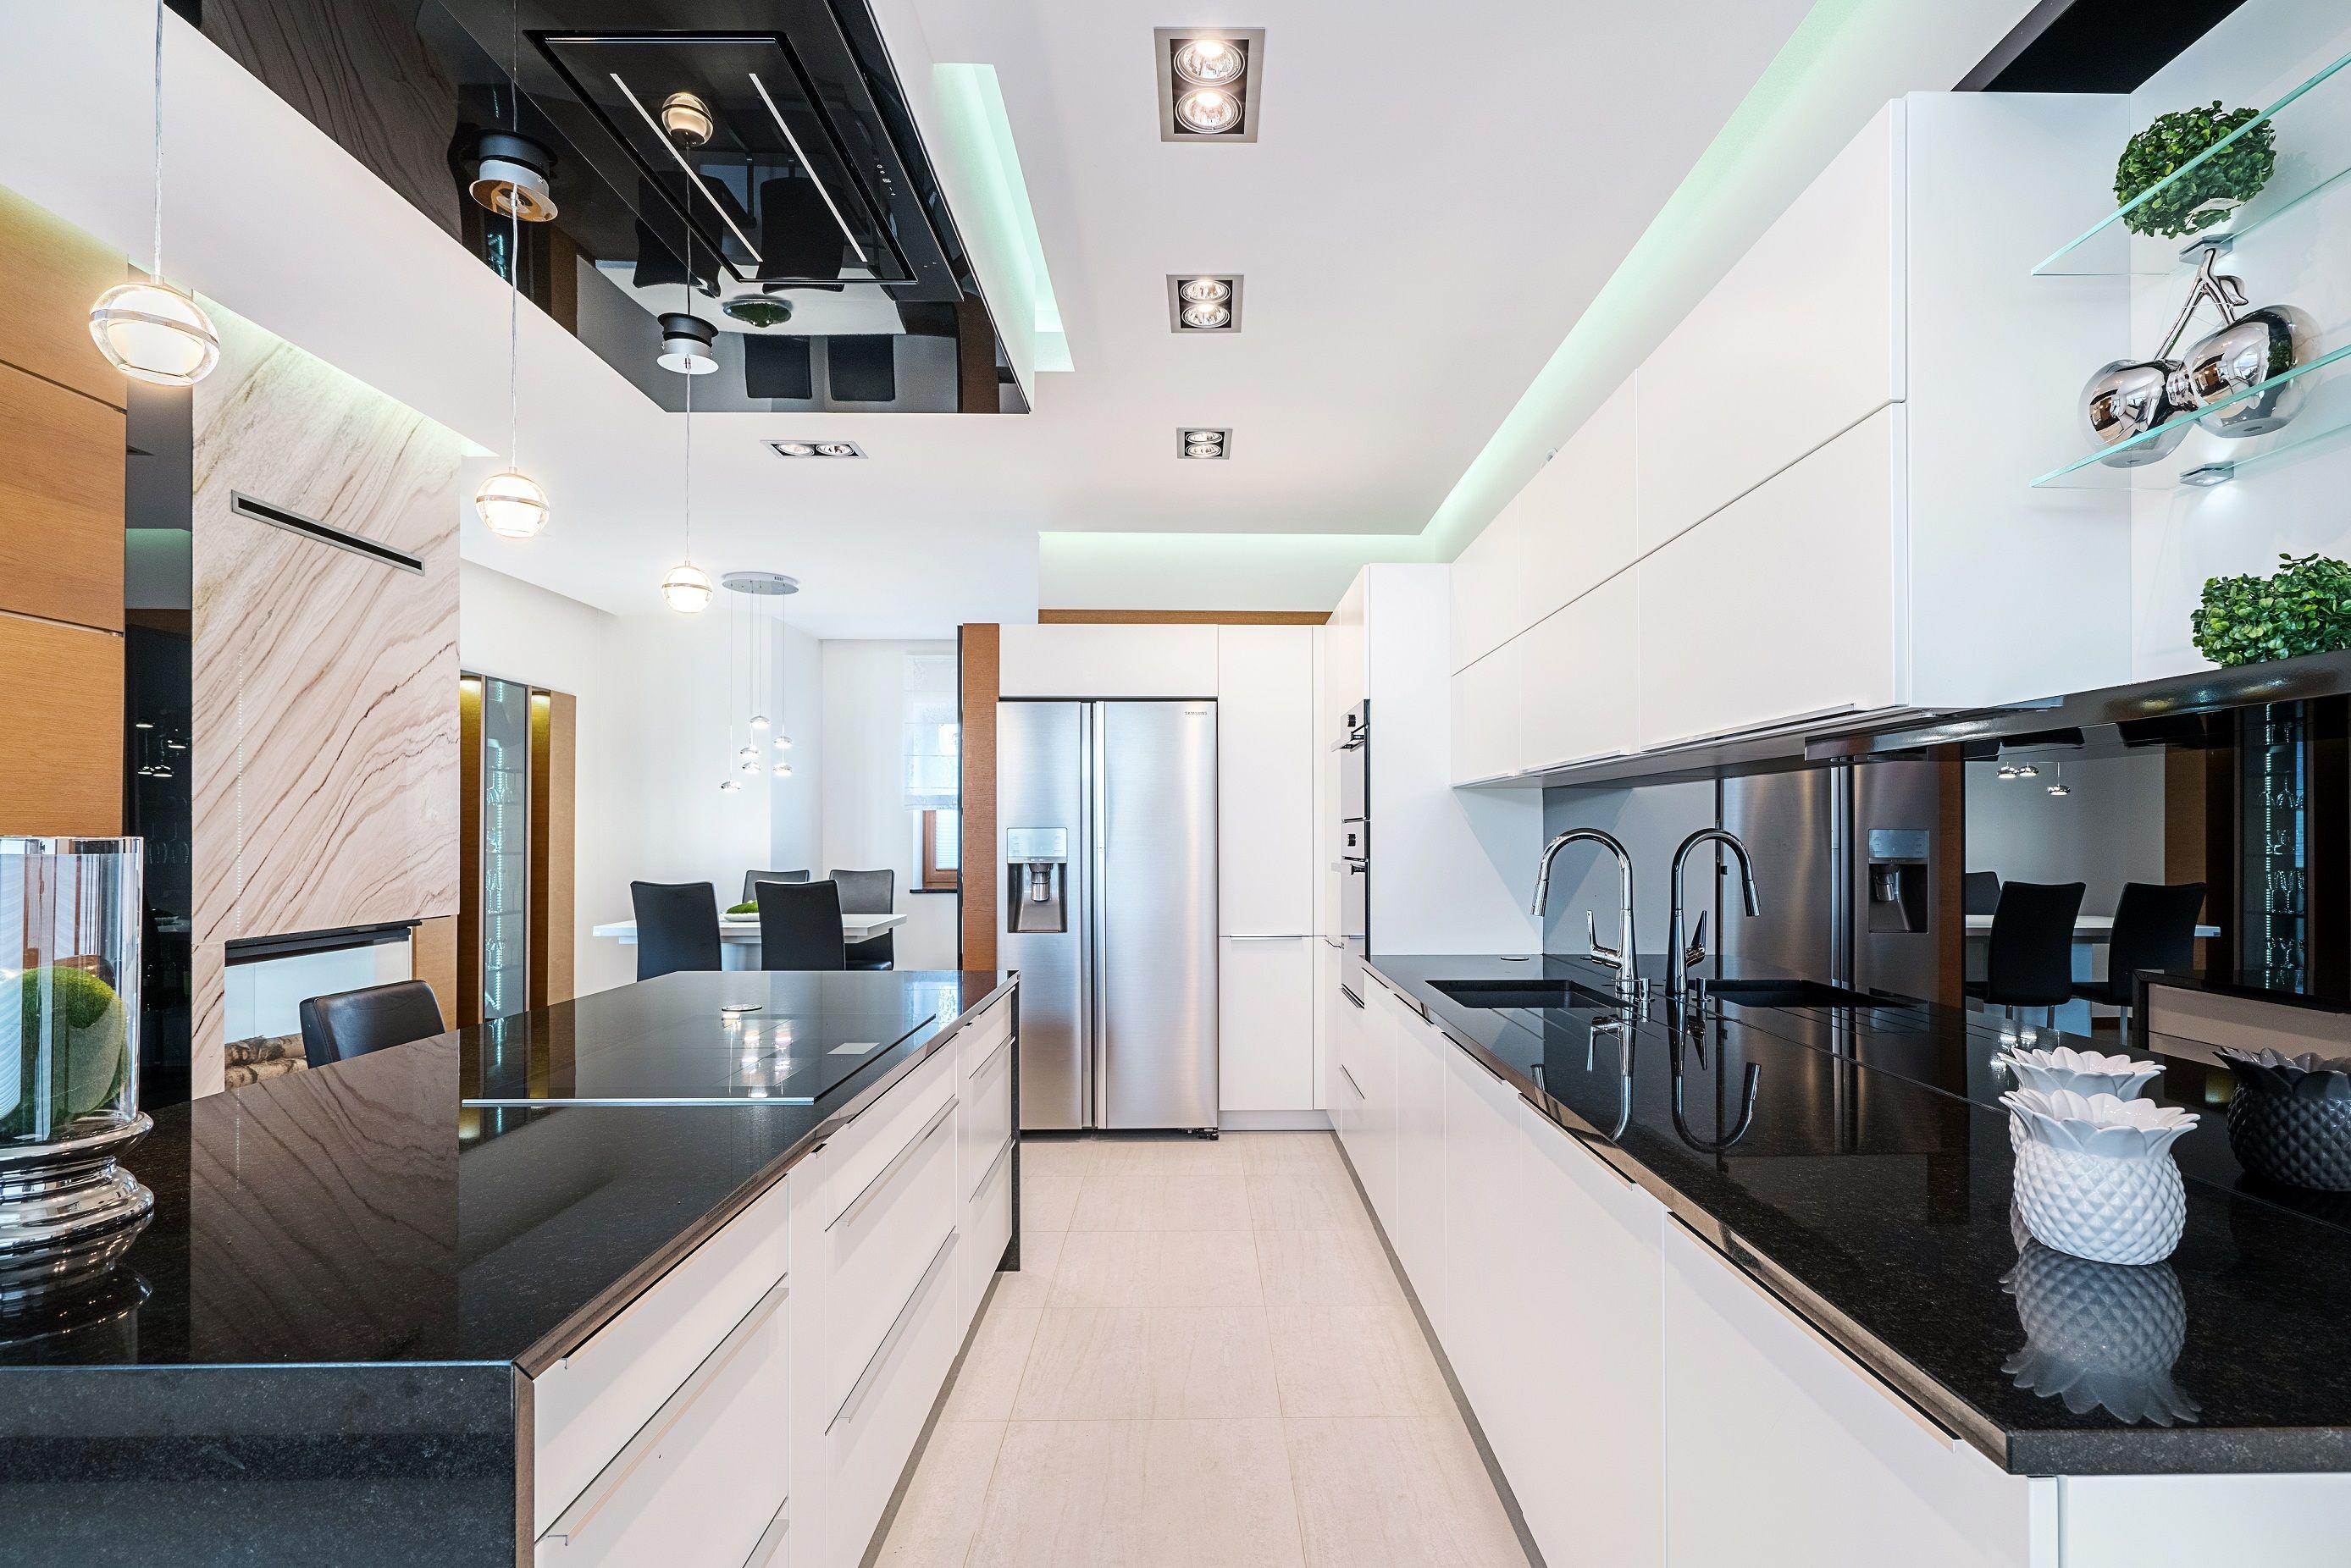 Biale Fronty Szafek W Zestawieniu Z Czarnymi Blatami Na Wysoki Polysk To Synonim Nowoczesnej Kuchni Kitchen Design Home Whitekitche Home Decor Home Decor